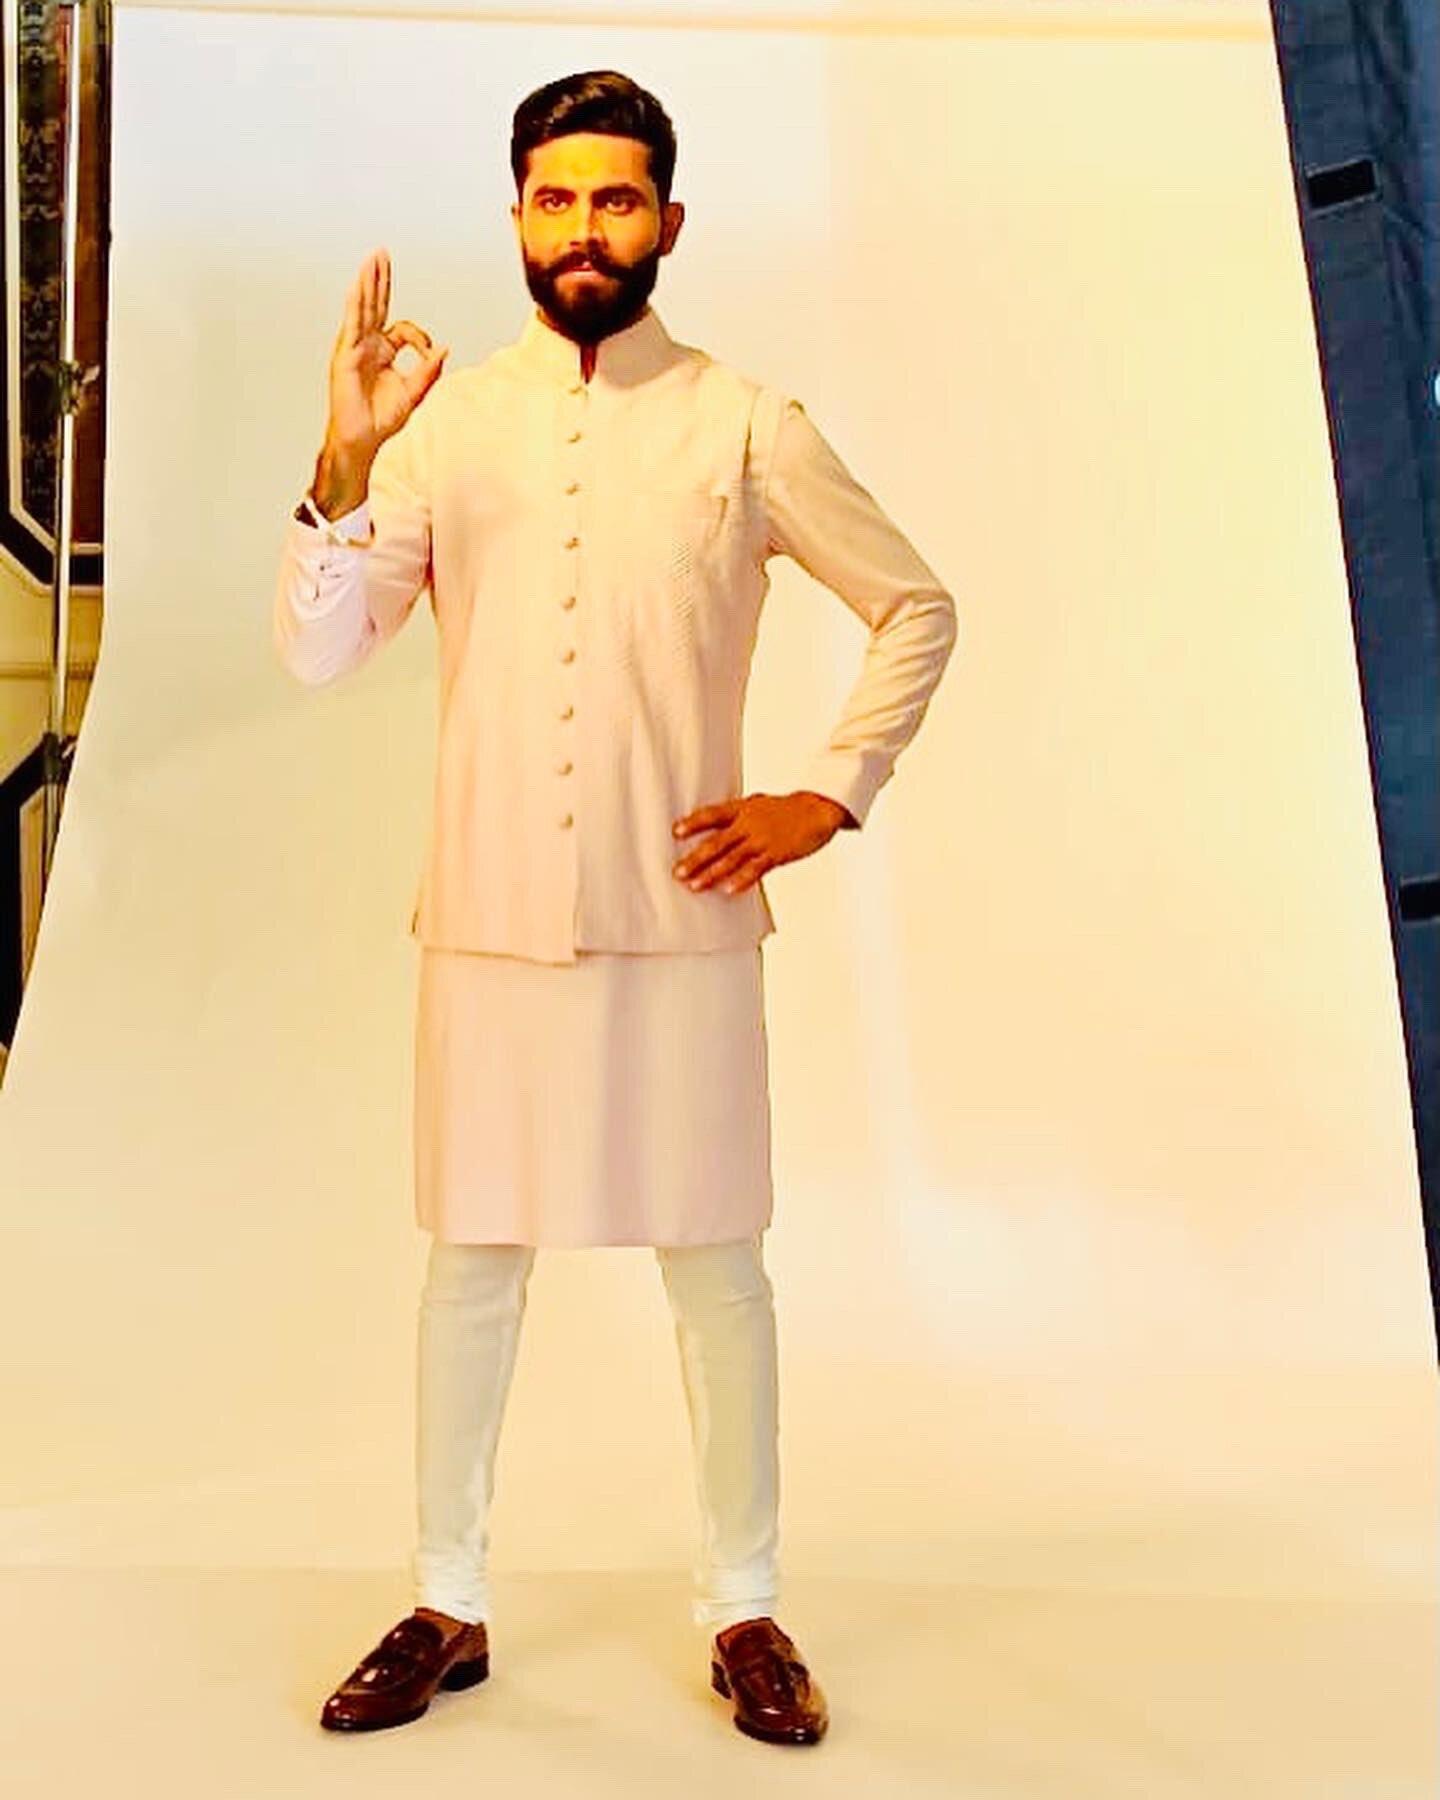 ஆஹா சூப்பரு.. நம்ம ரவீந்திர ஜடேஜாவா இது.. அவர் ஜெர்சிய கவனிச்சீங்களா